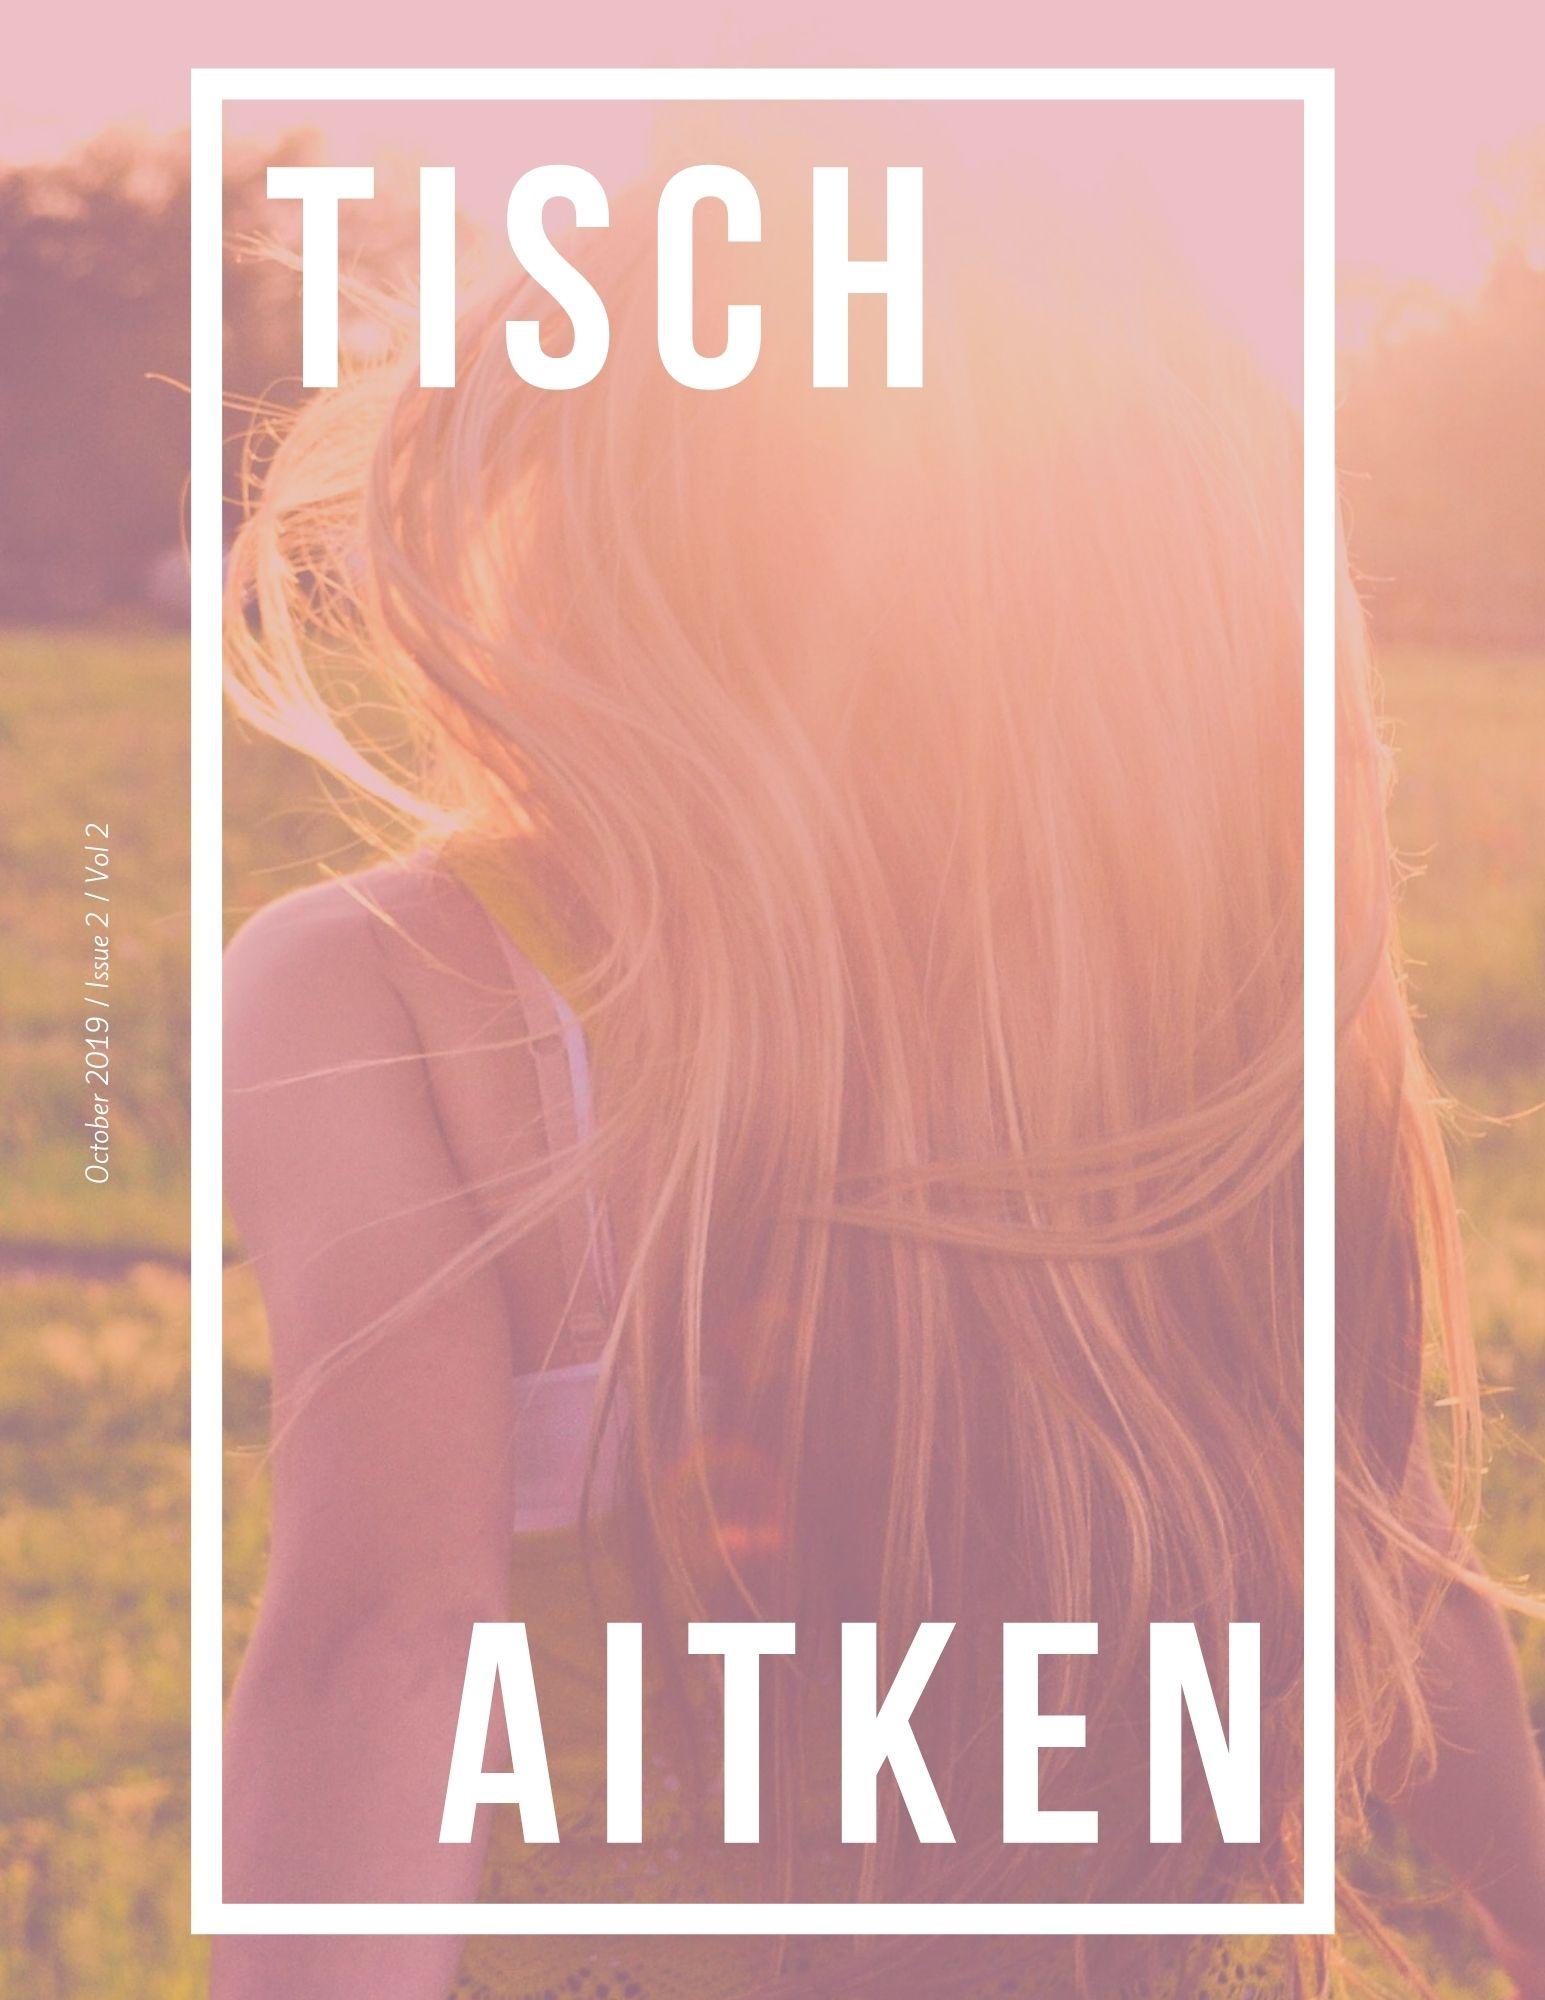 Astrologer Tisch Aitken